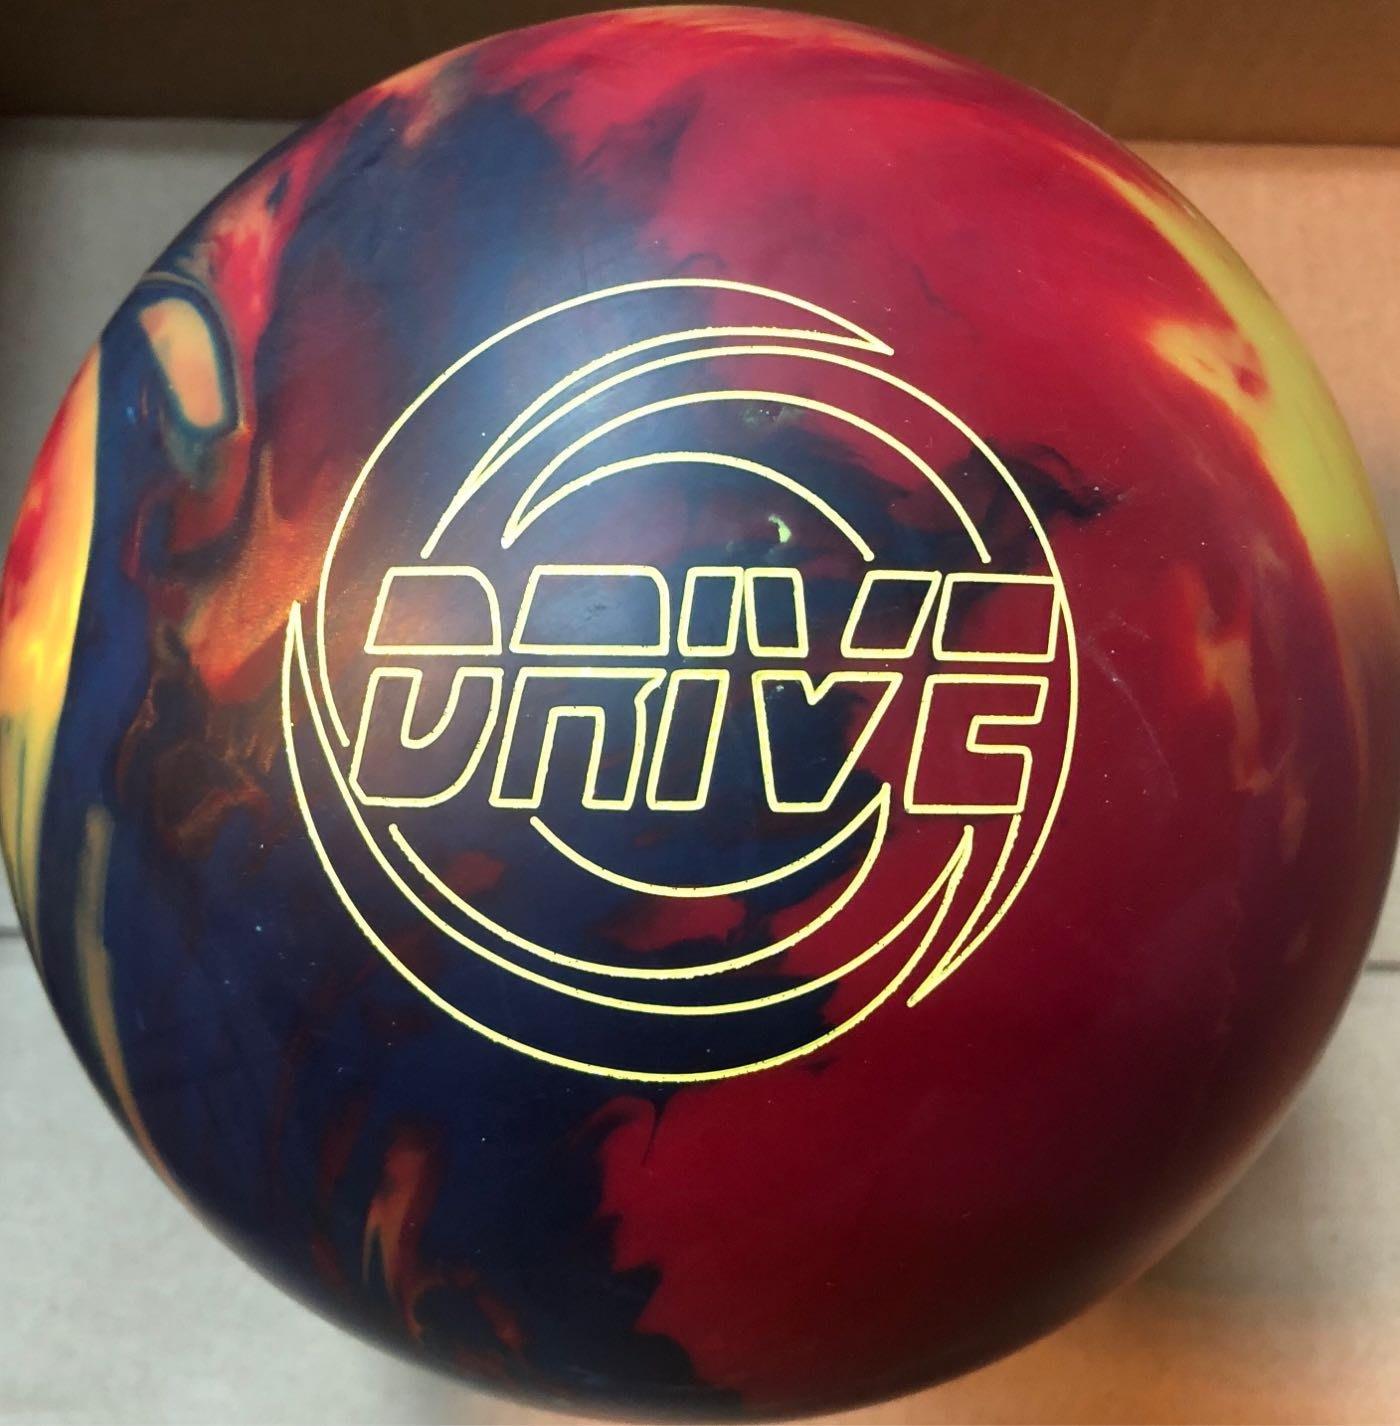 美國進口保齡球STORM品牌Drive風暴飛碟球直球玩家喜愛的品牌11磅6盎司